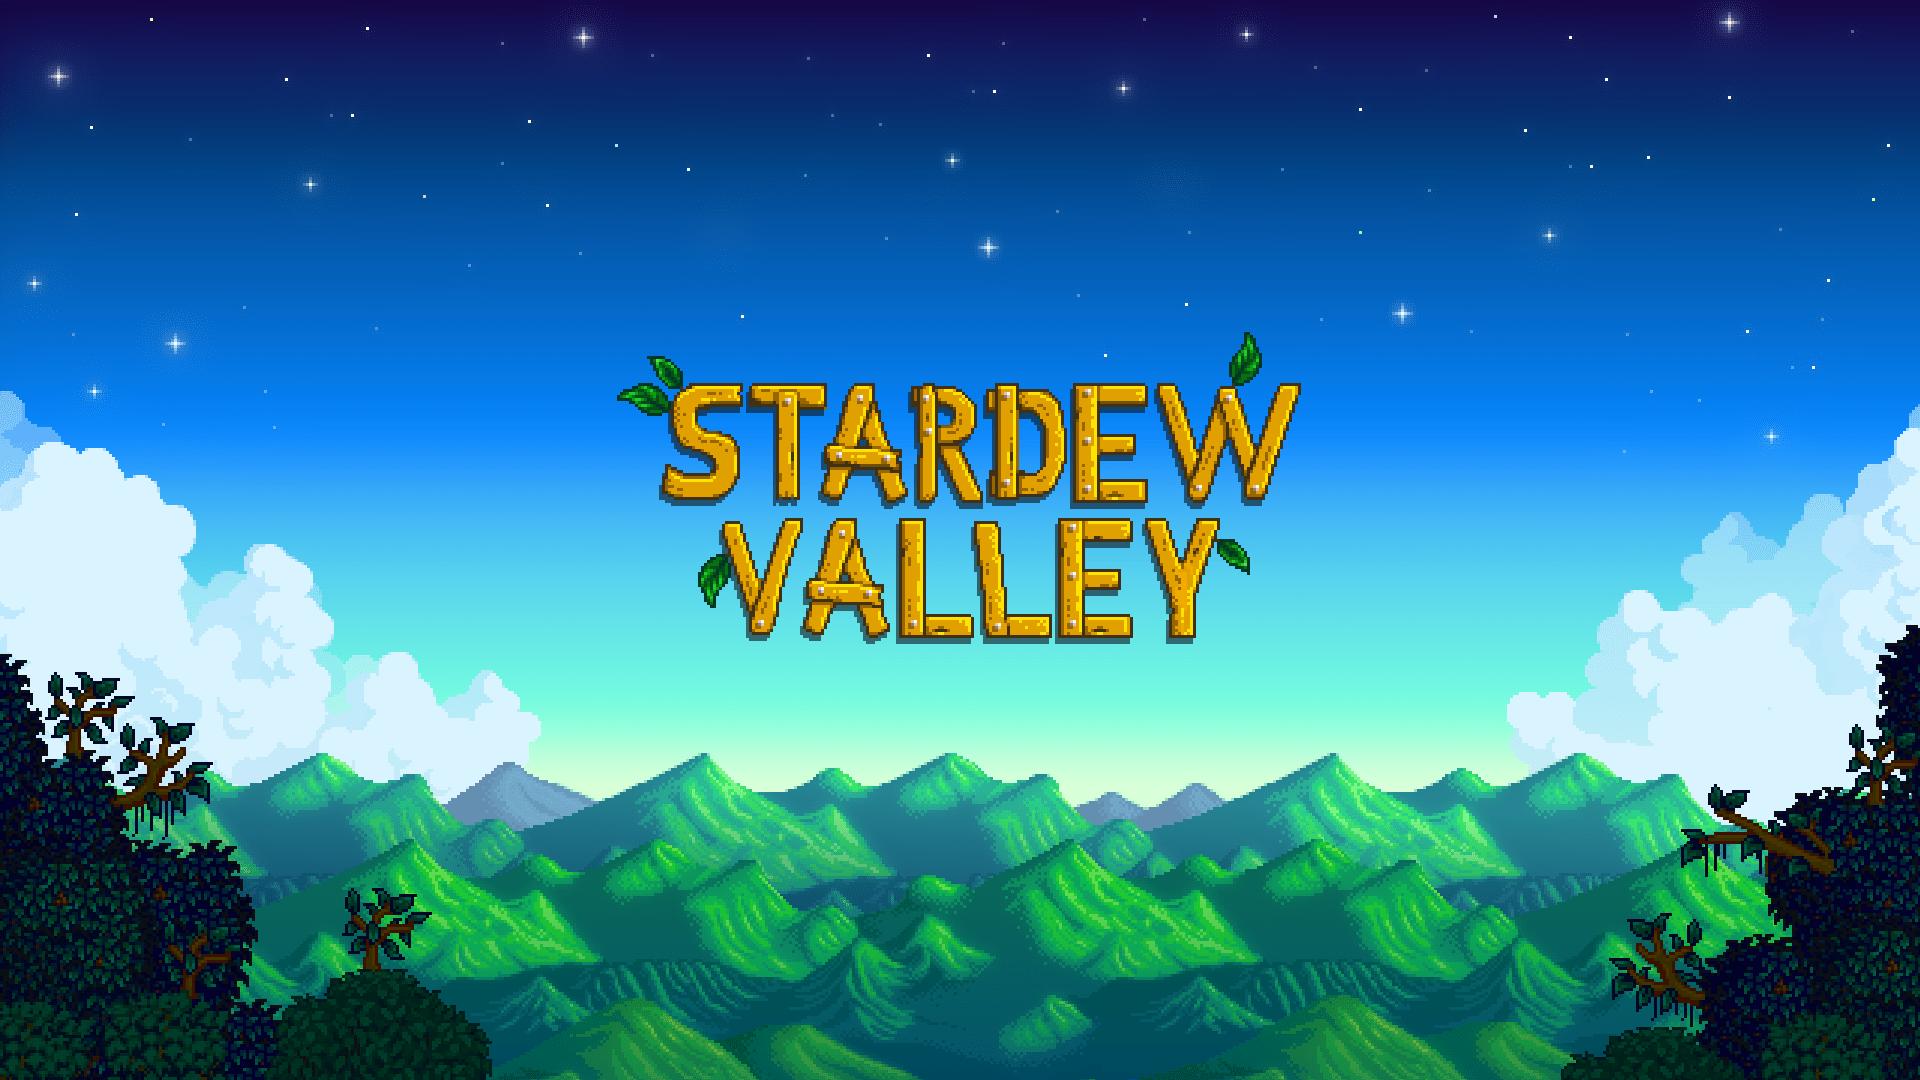 Phone Background Stardew Valley Wallpaper Stardew Valley 1920x1080 Wallpapers Top Free Stardew Valley 1920x1080 Backgrounds Wallpaperaccess stardew valley 1920x1080 wallpapers